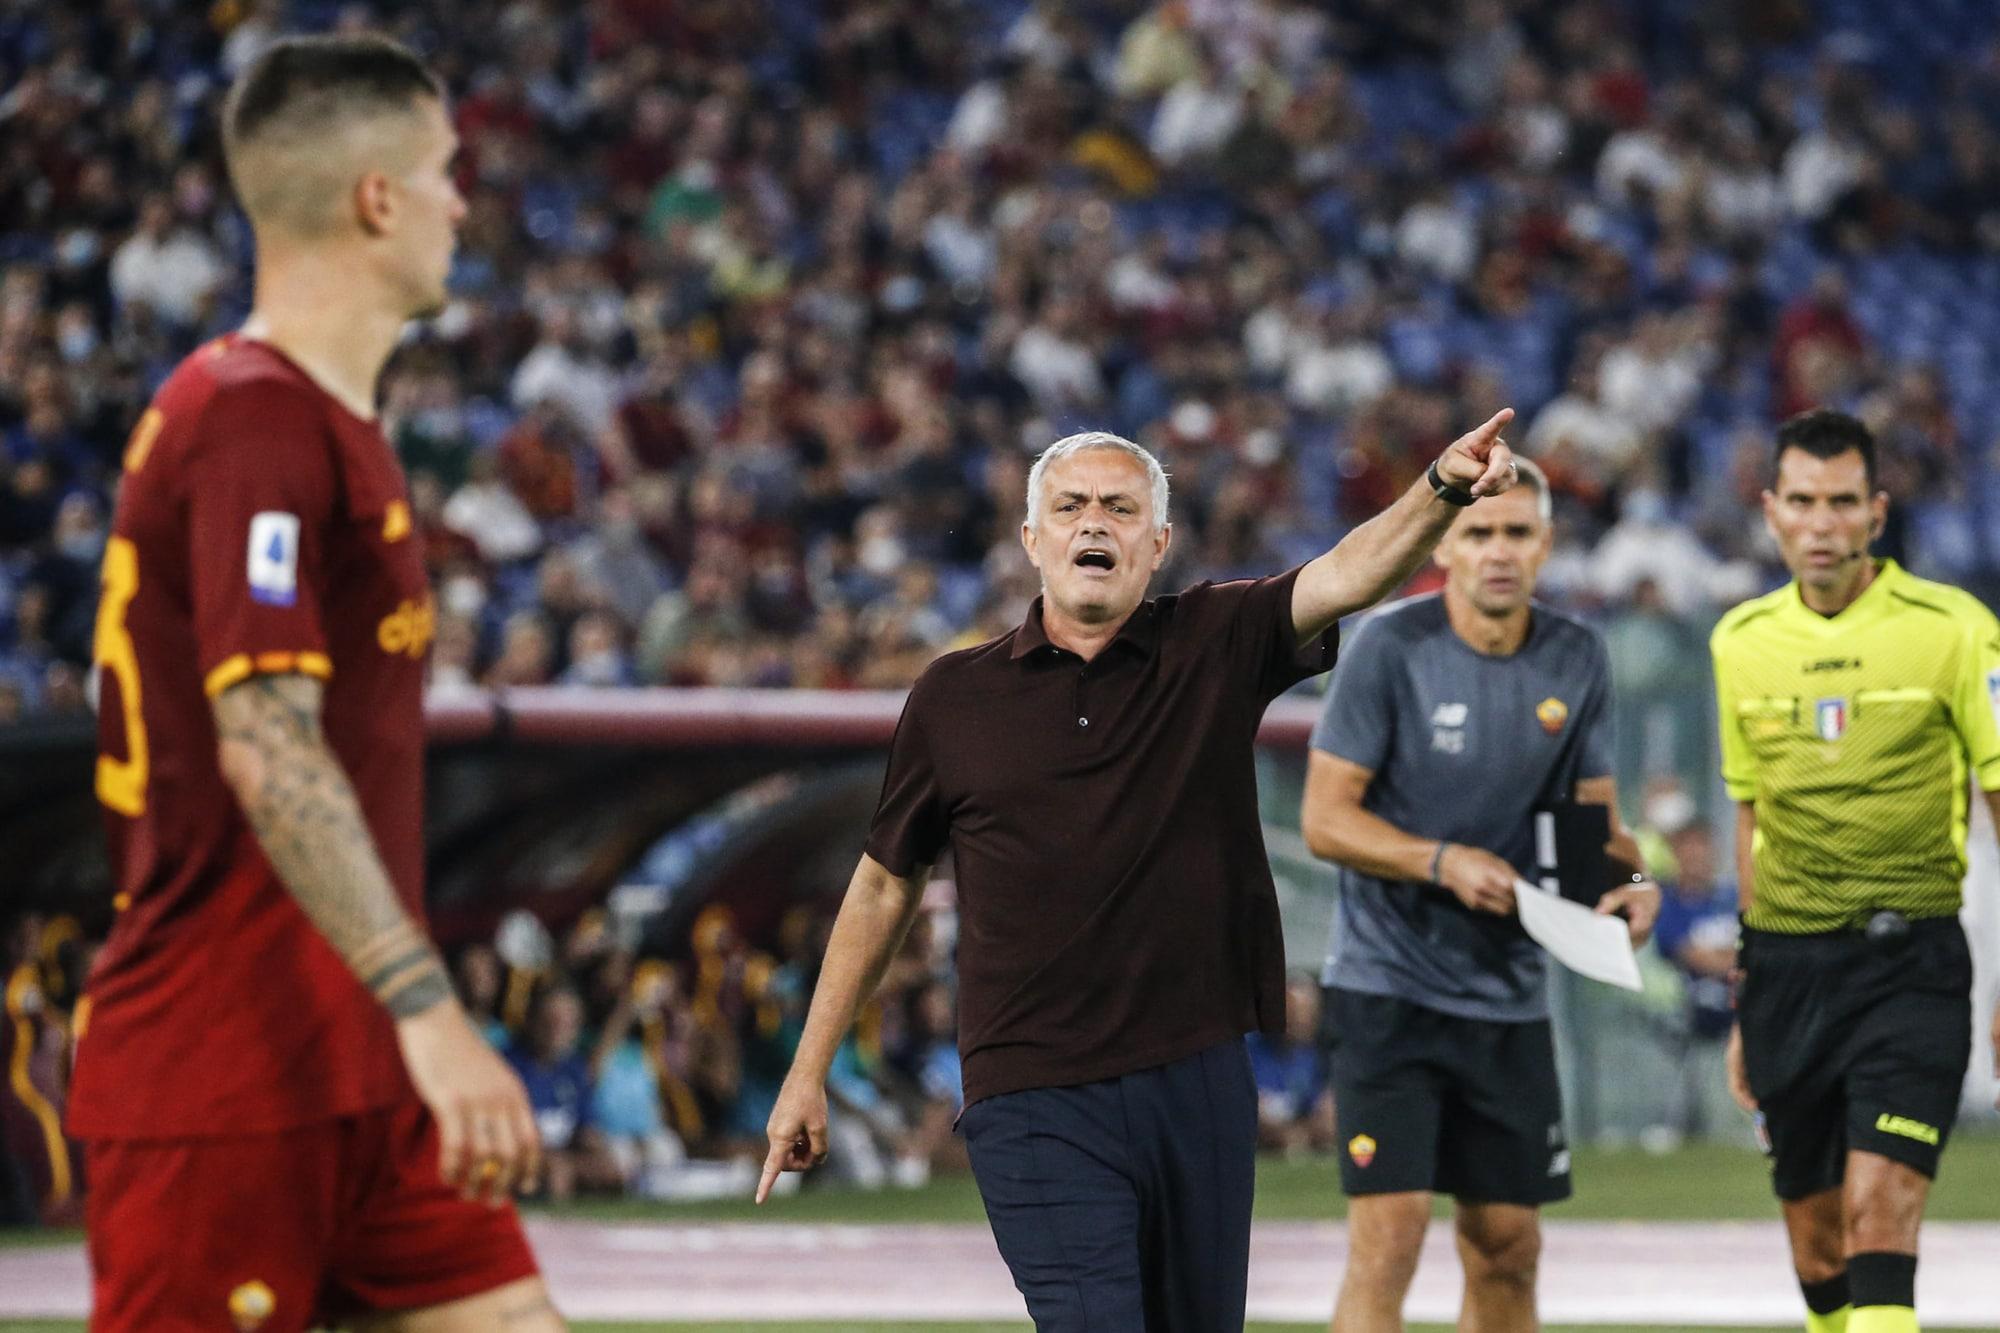 Sự liều lĩnh của Mourinho được đền đáp, khi ông dùng tới bốn tiền đạo và xua quân tấn công dồn dập trong hơn 15 phút cuối trận. Ảnh: ANSA